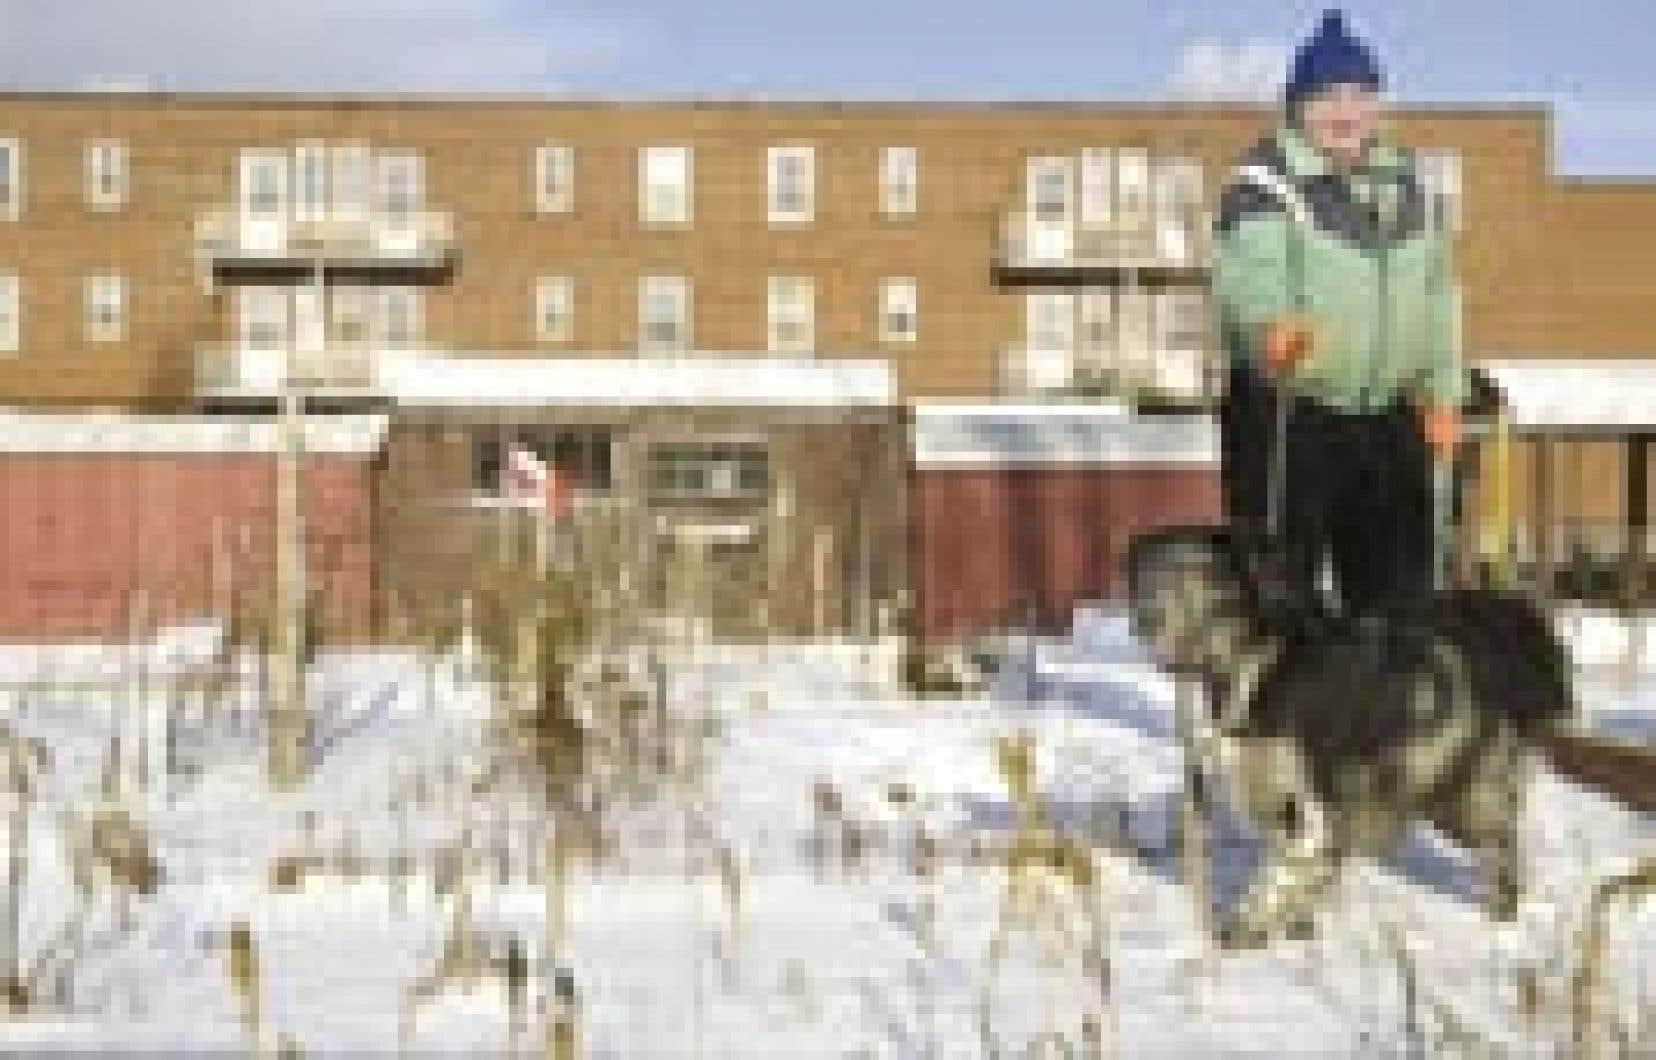 Ed et son chien Duke se promènent devant les bâtiments inhabités de Benny Farm. Une partie du projet sera habitable à la fin de 2003.